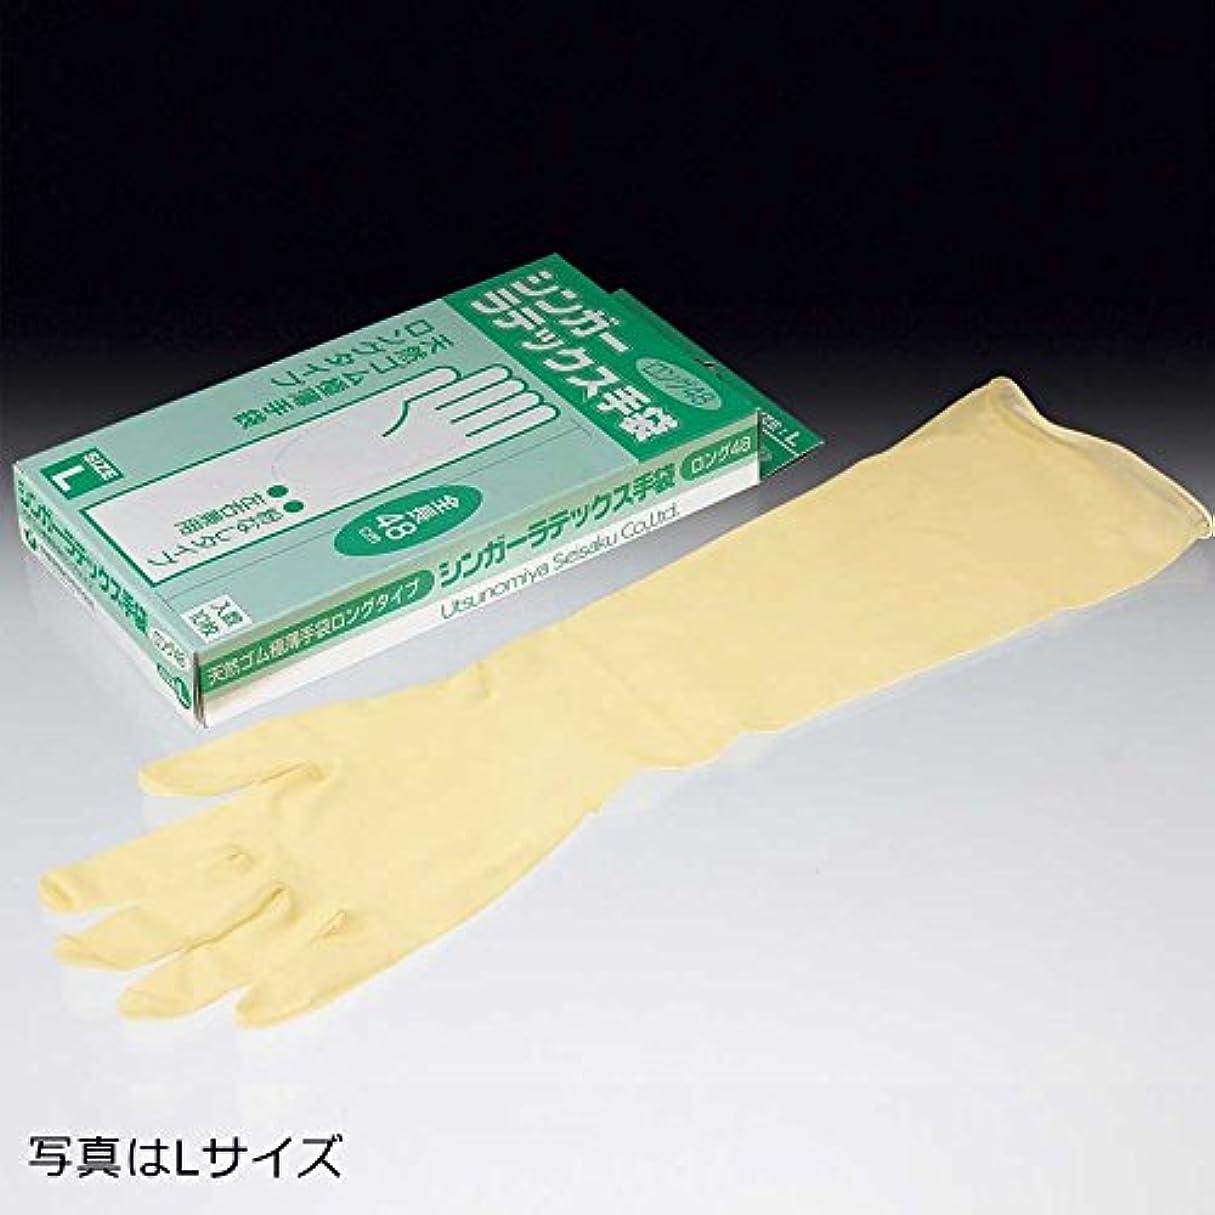 大皮肉なに負けるシンガーラテックス手袋ロング48 使い捨て手袋 粉なし全長48cm200枚(10枚入り20箱) (M)